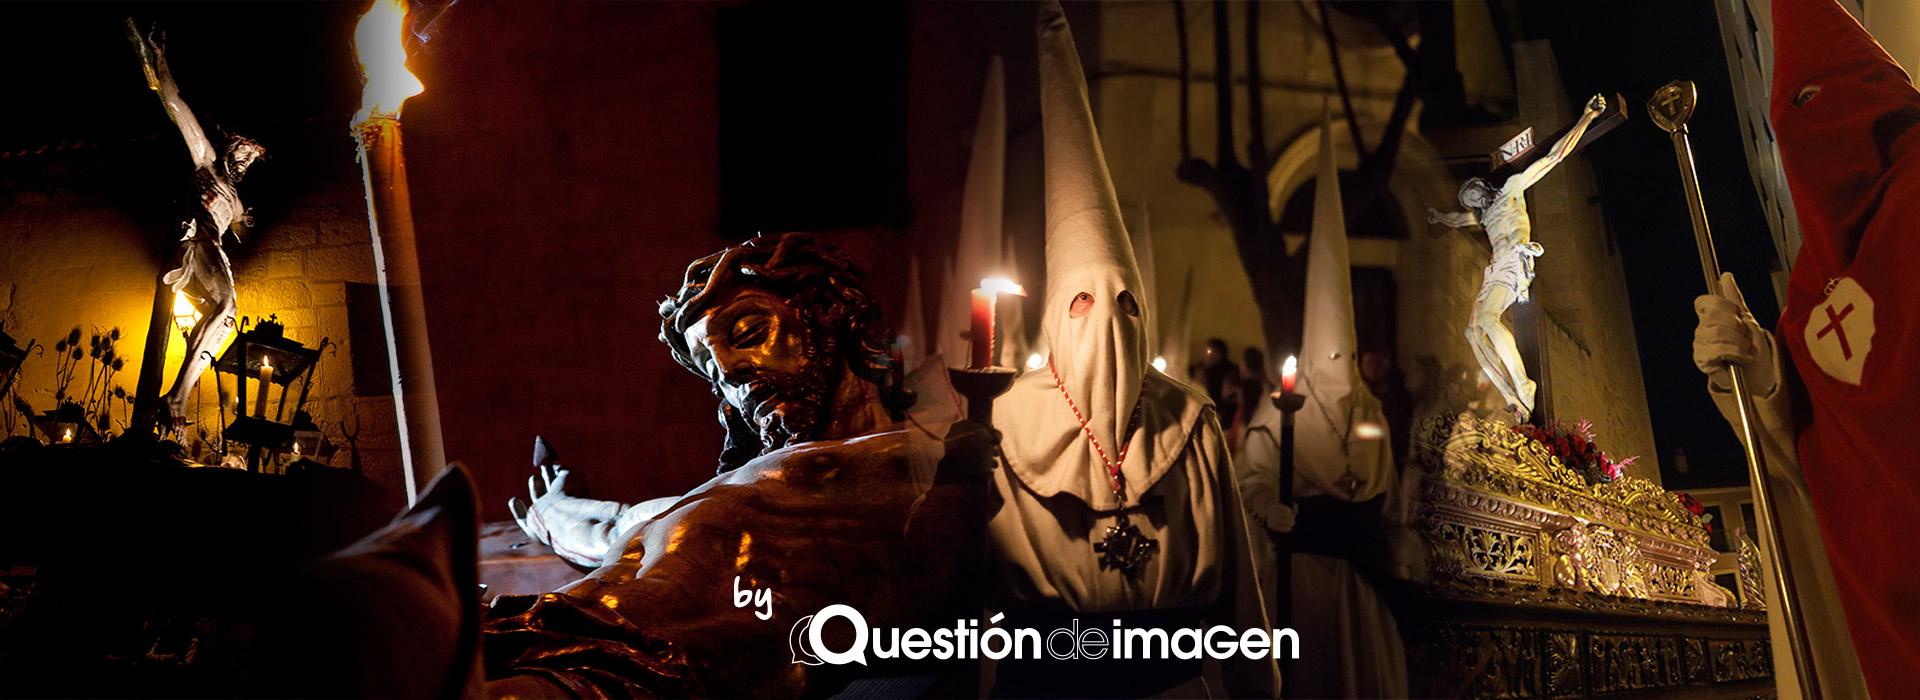 Imágenes de Semana Santa de Zamora de noche